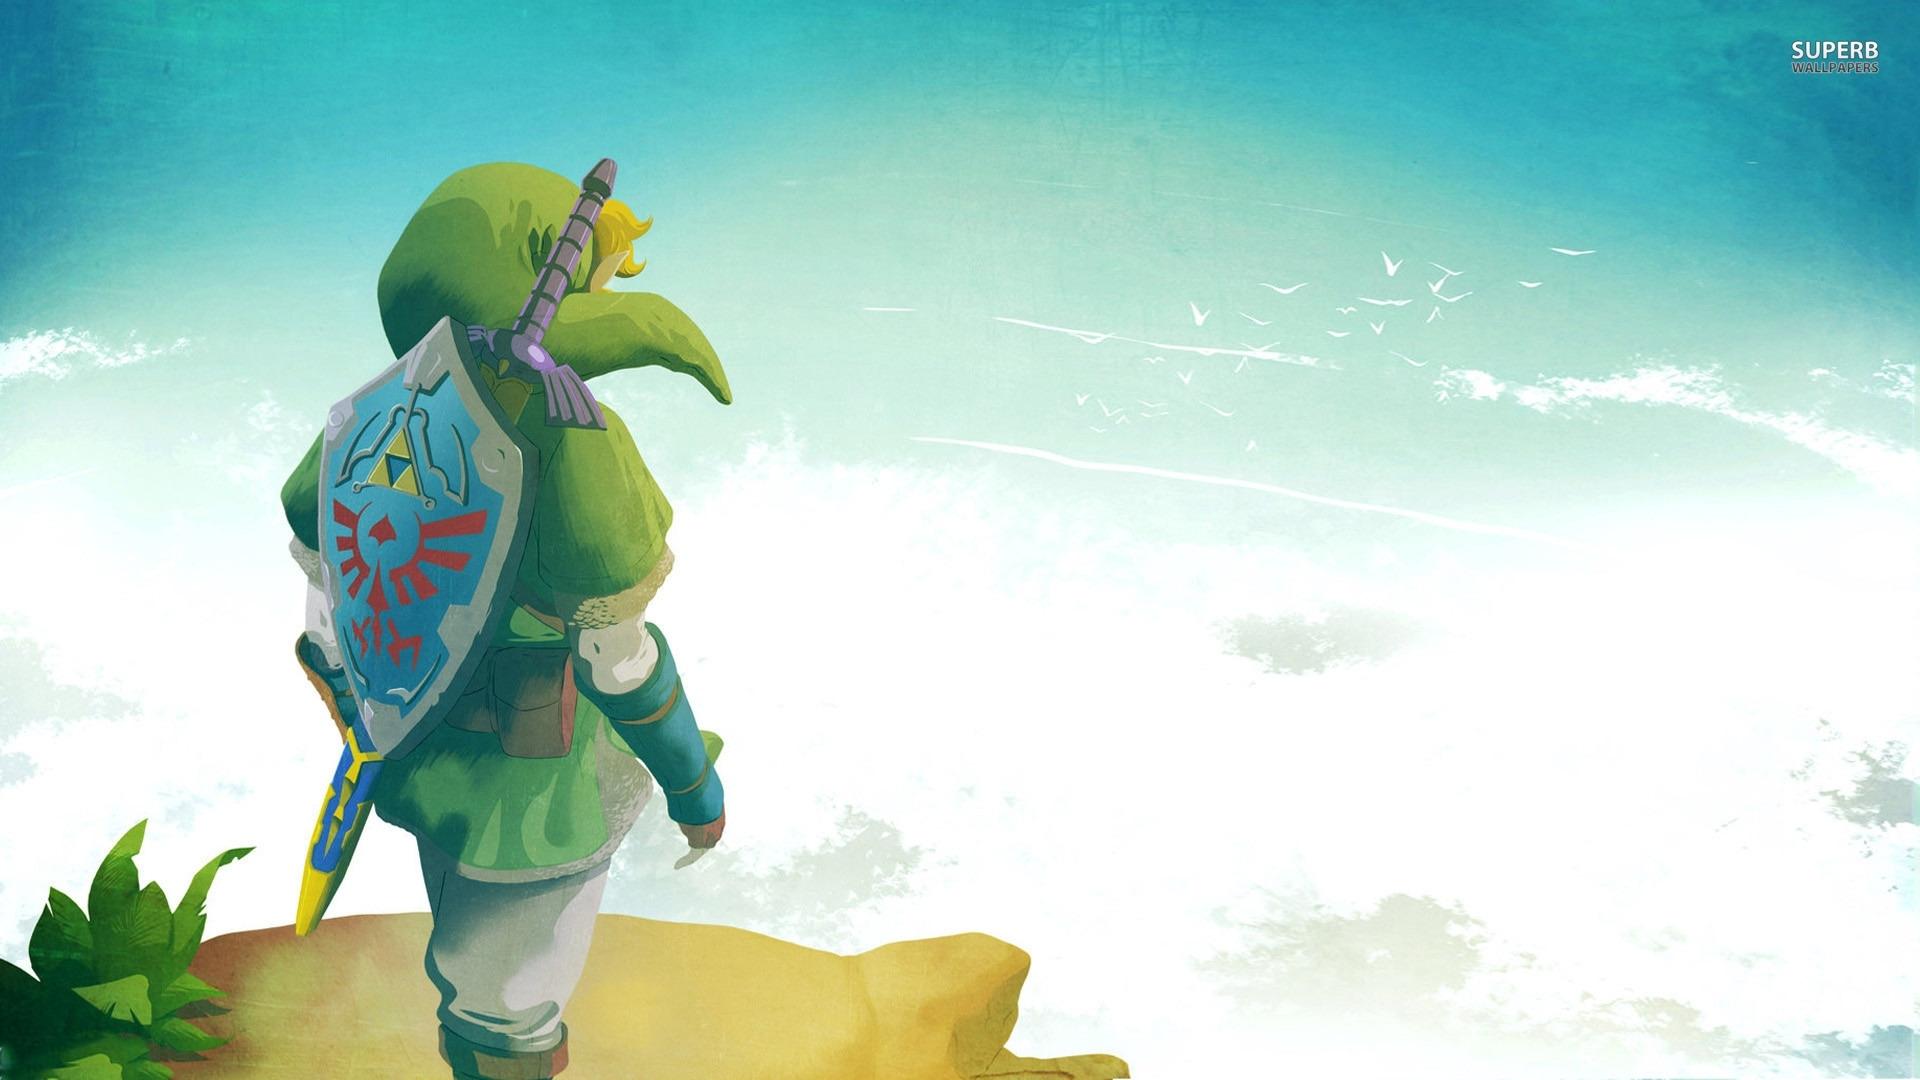 the legend of zelda: skyward sword wallpaper | parei!,pensei!,achei